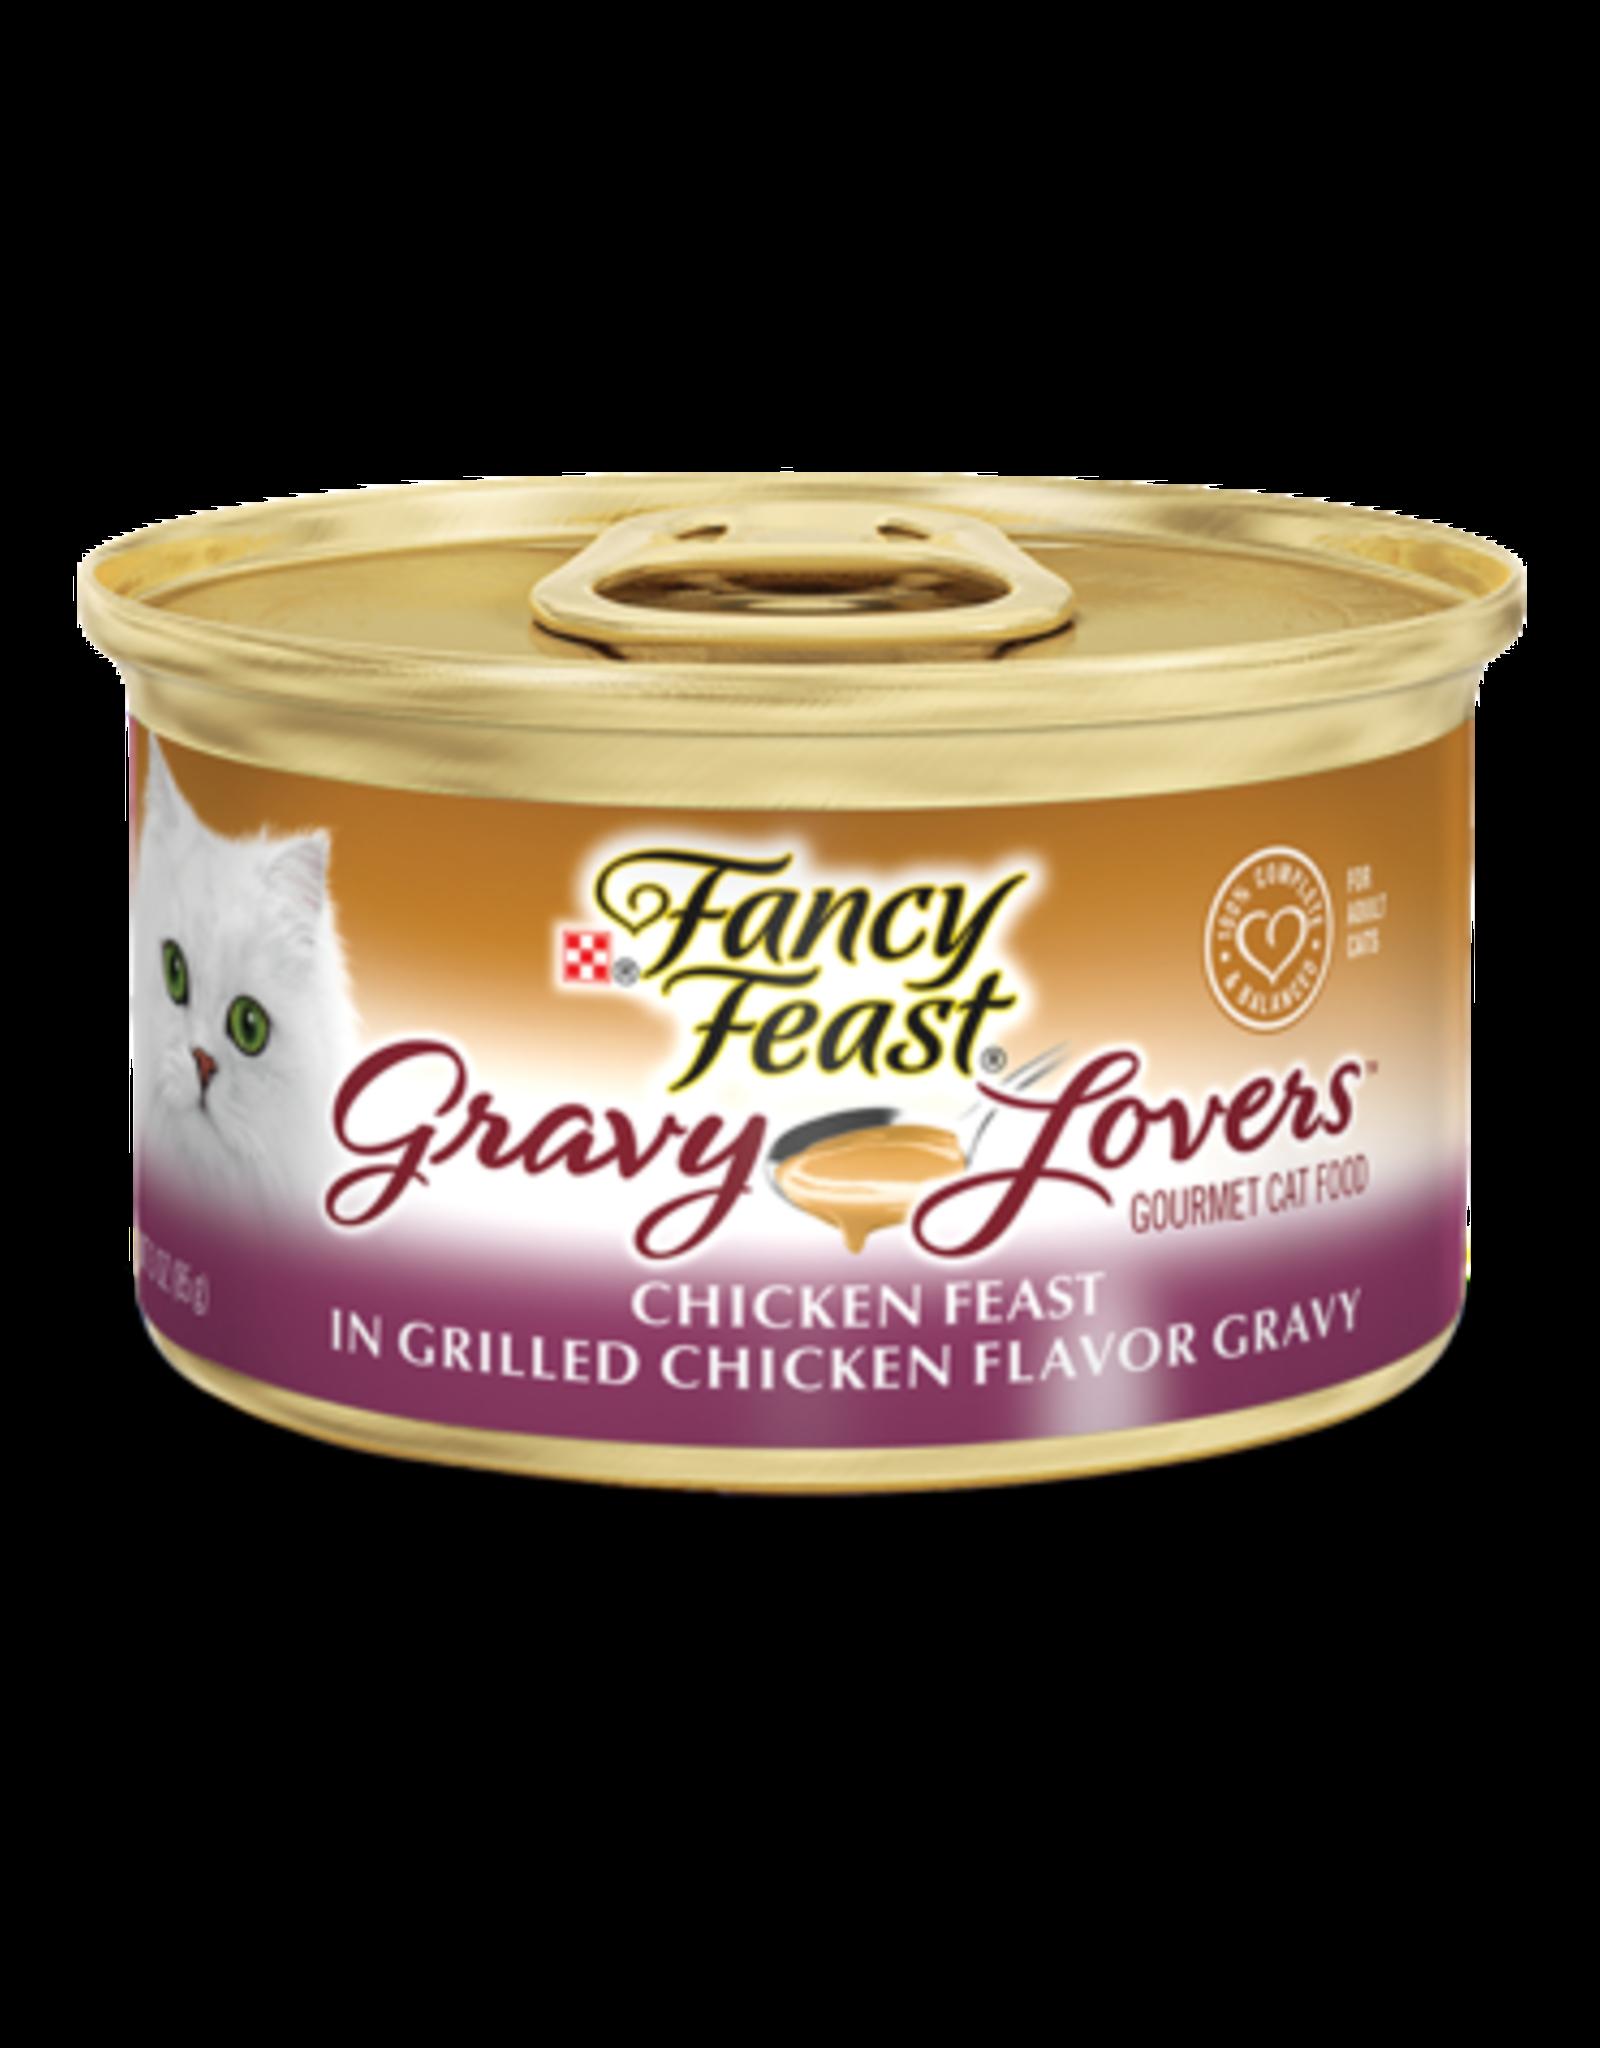 FANCY FEAST GRAVY LOVERS CHICKEN 3OZ CAN